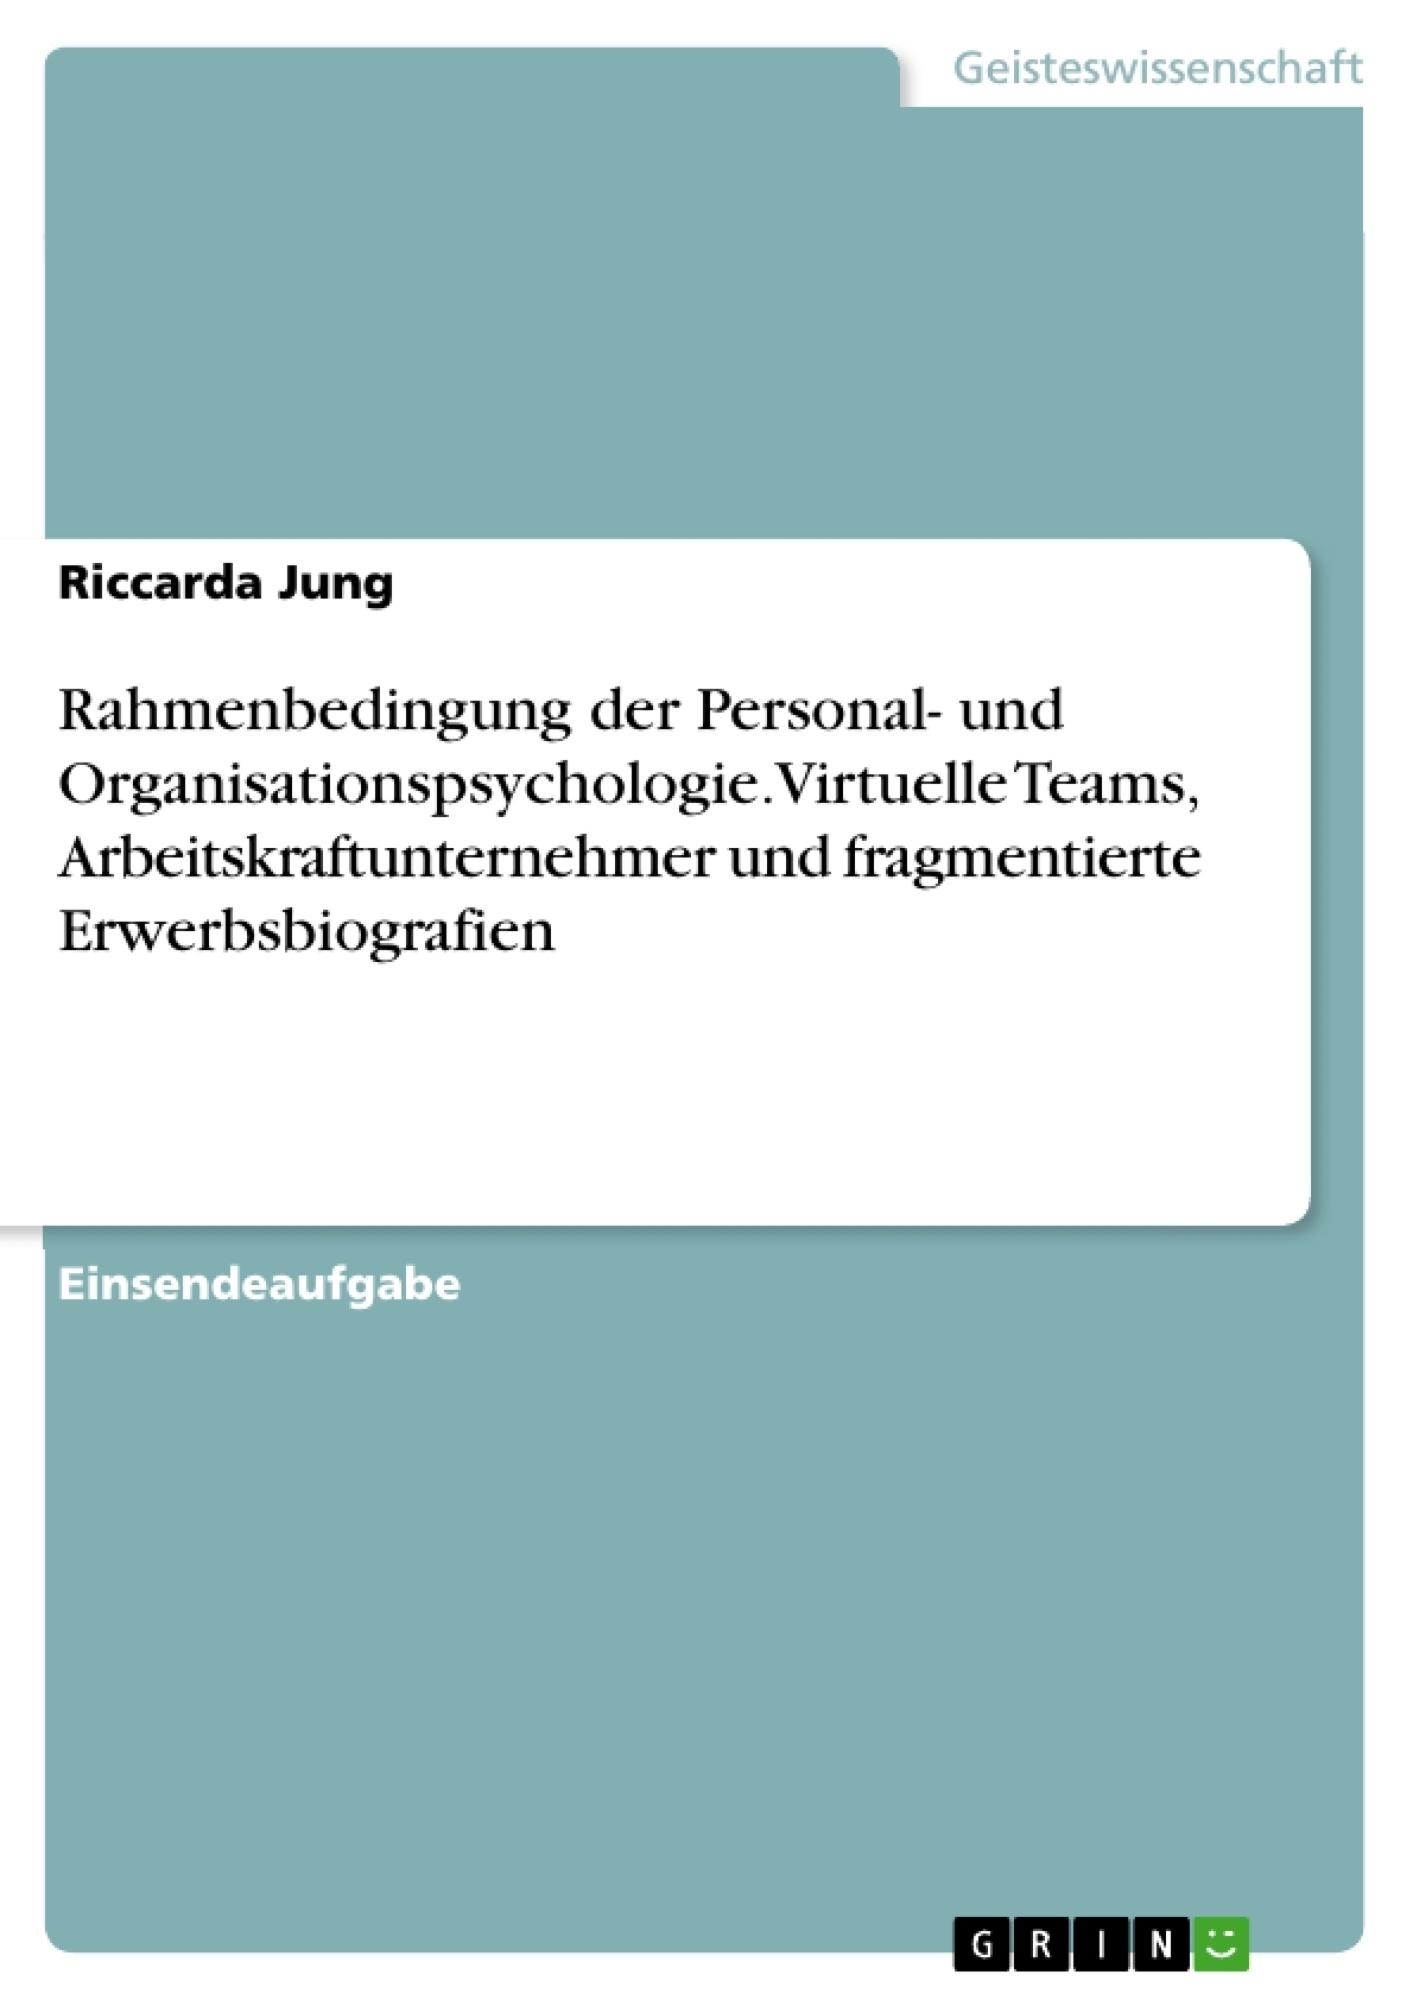 Titel: Rahmenbedingung der Personal- und Organisationspsychologie. Virtuelle Teams, Arbeitskraftunternehmer und fragmentierte Erwerbsbiografien